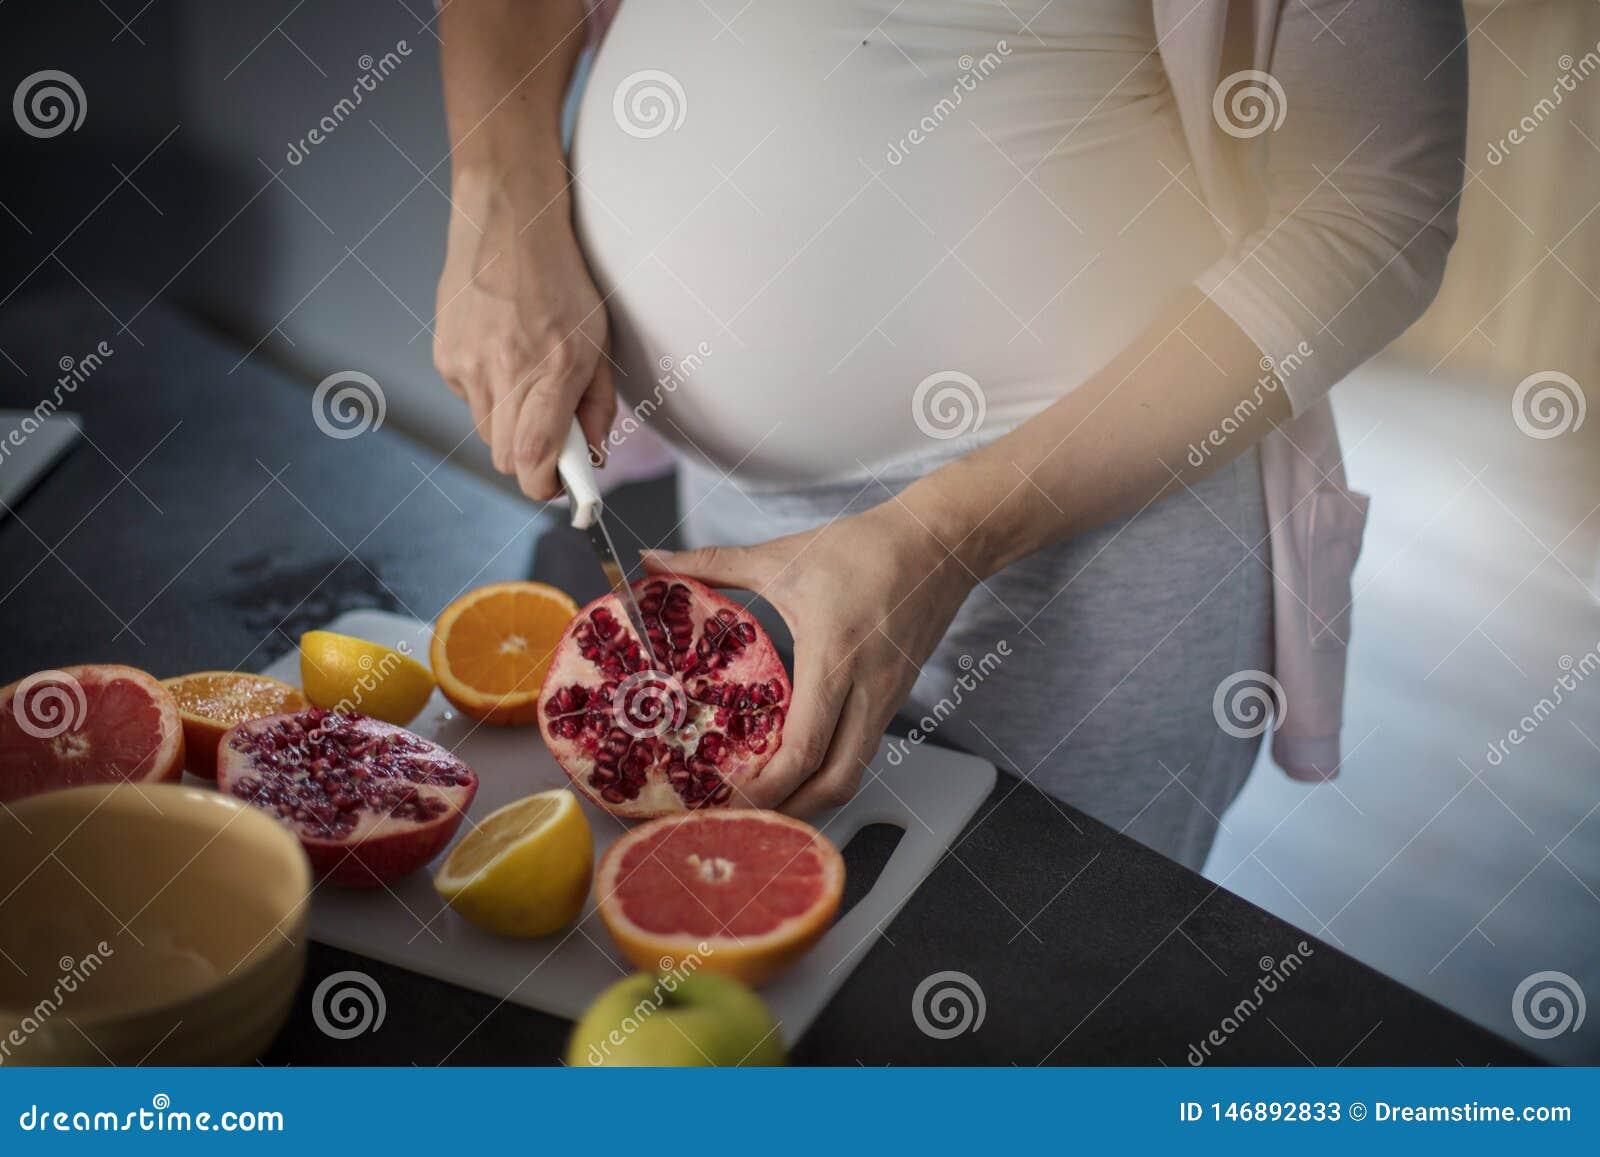 Tiene que ser sano para el bebé